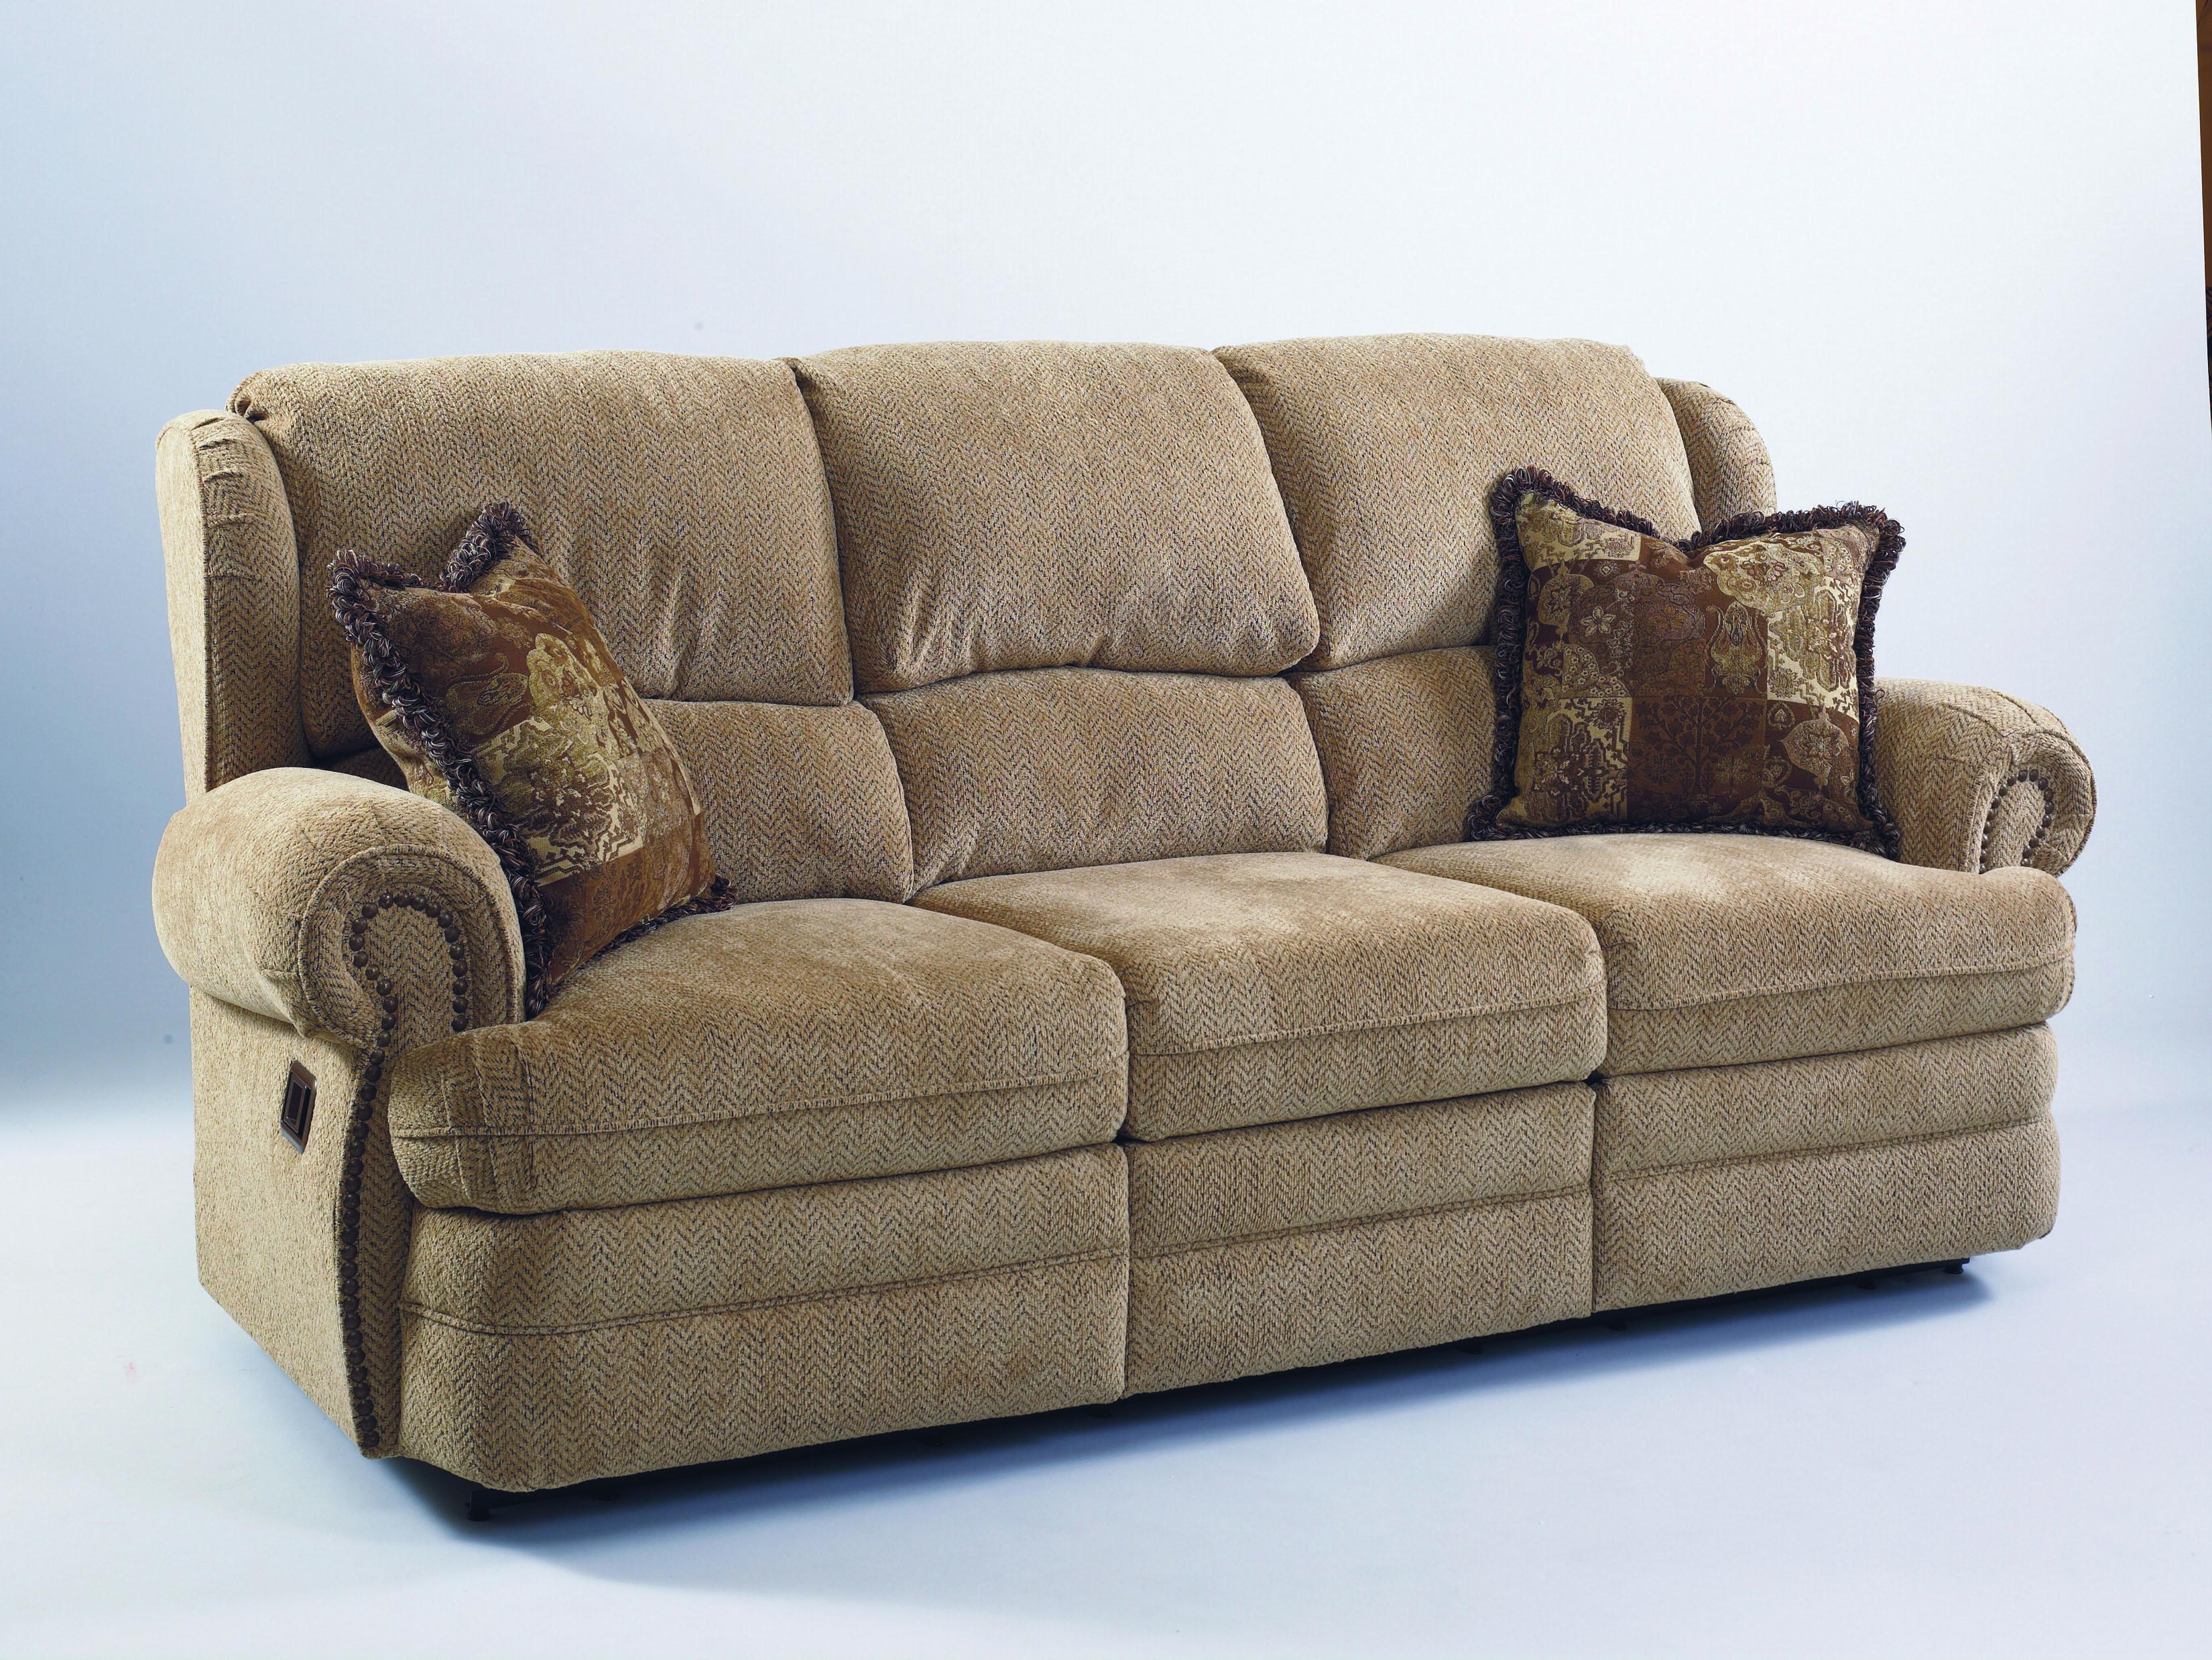 Lane 20339 – Hancock Double Reclining Sofa Throughout Lane Furniture Sofas (View 3 of 20)